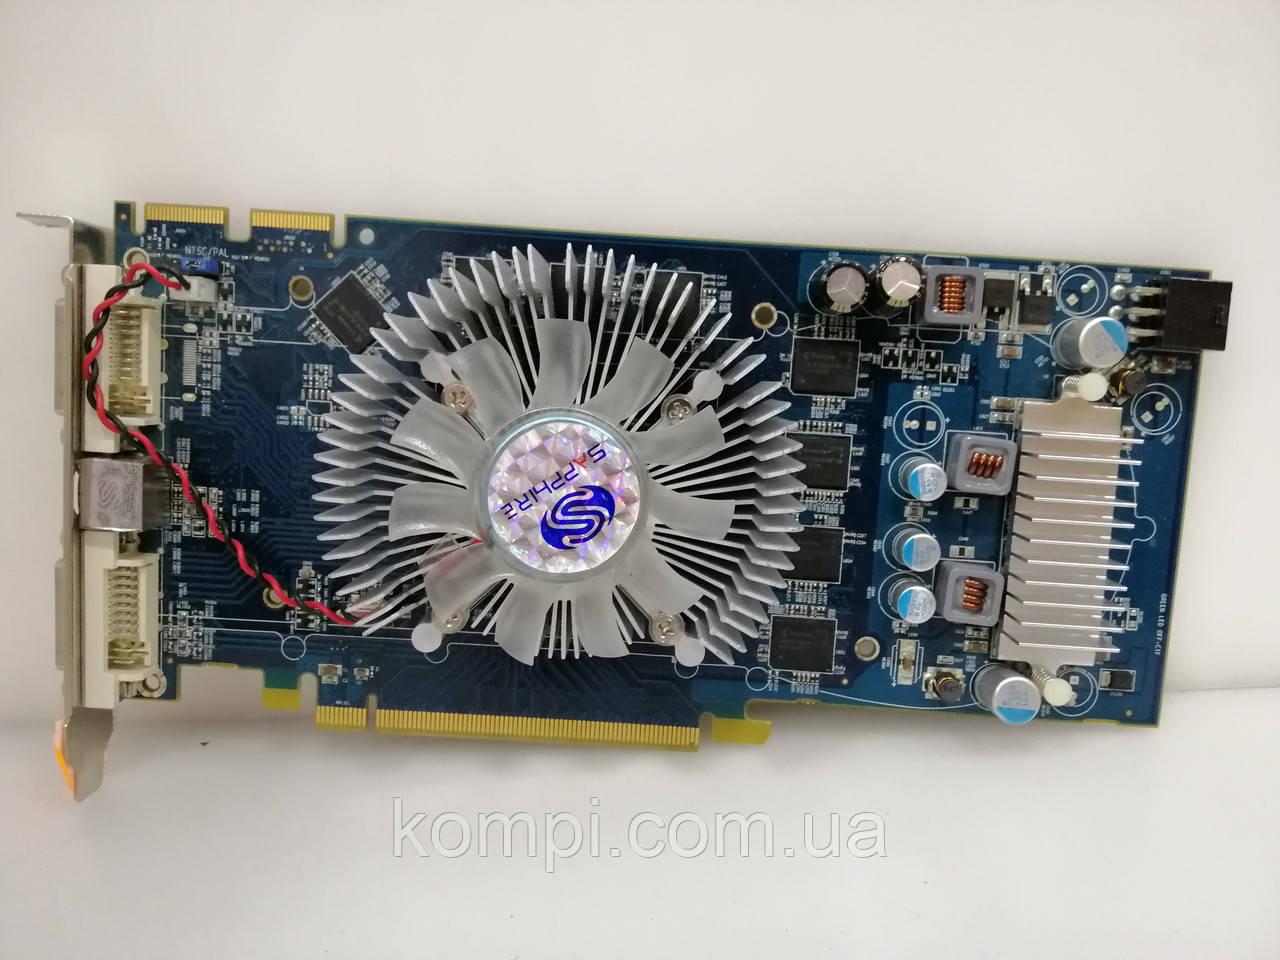 Видеокарта ATI HD 3850 512mb 256bit PCI-E